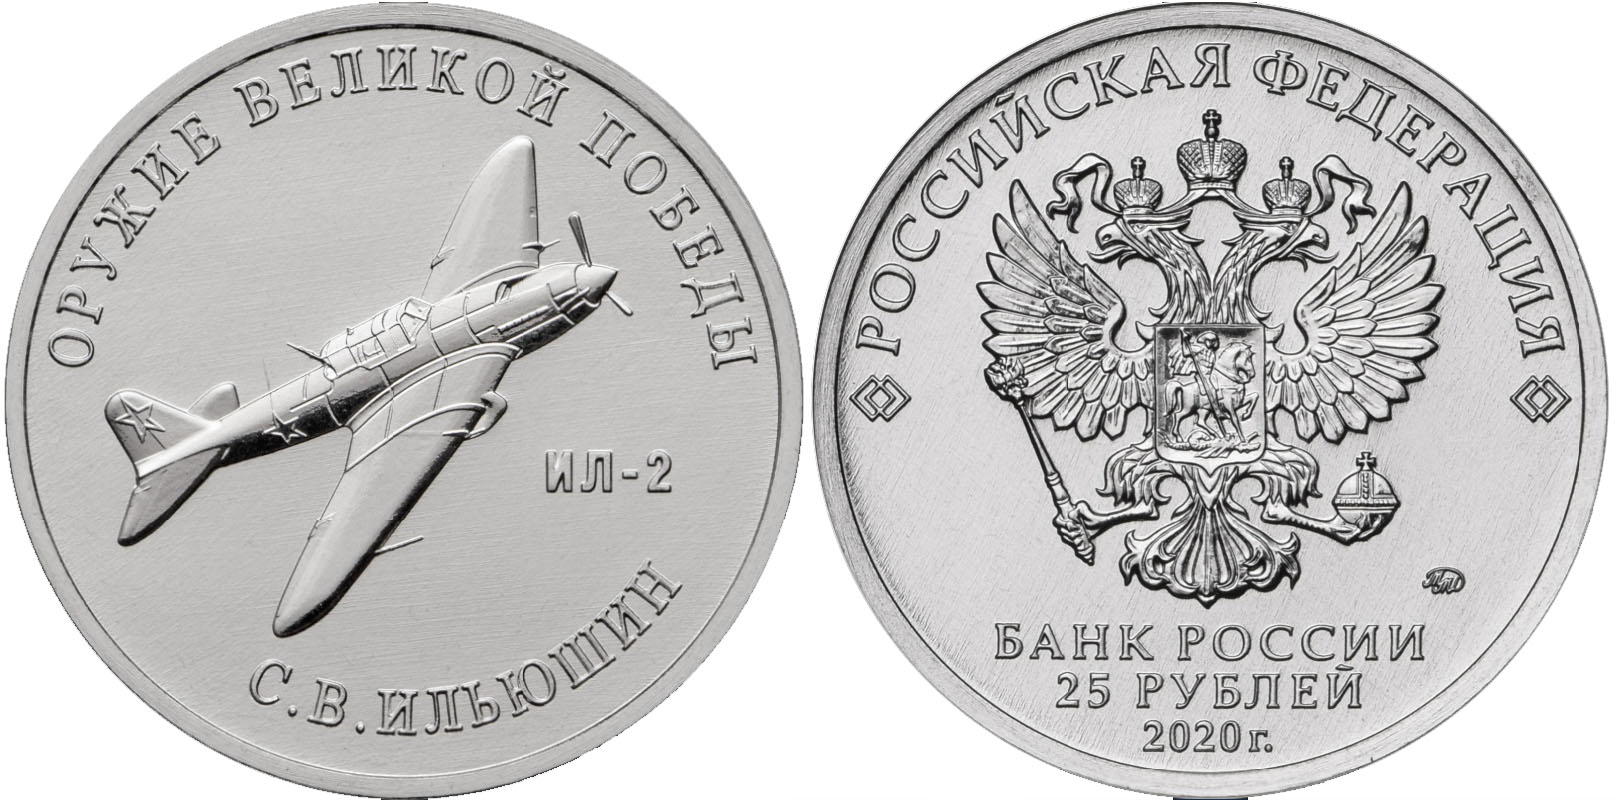 25 рублей «Конструктор оружия С. В. Ильюшин»